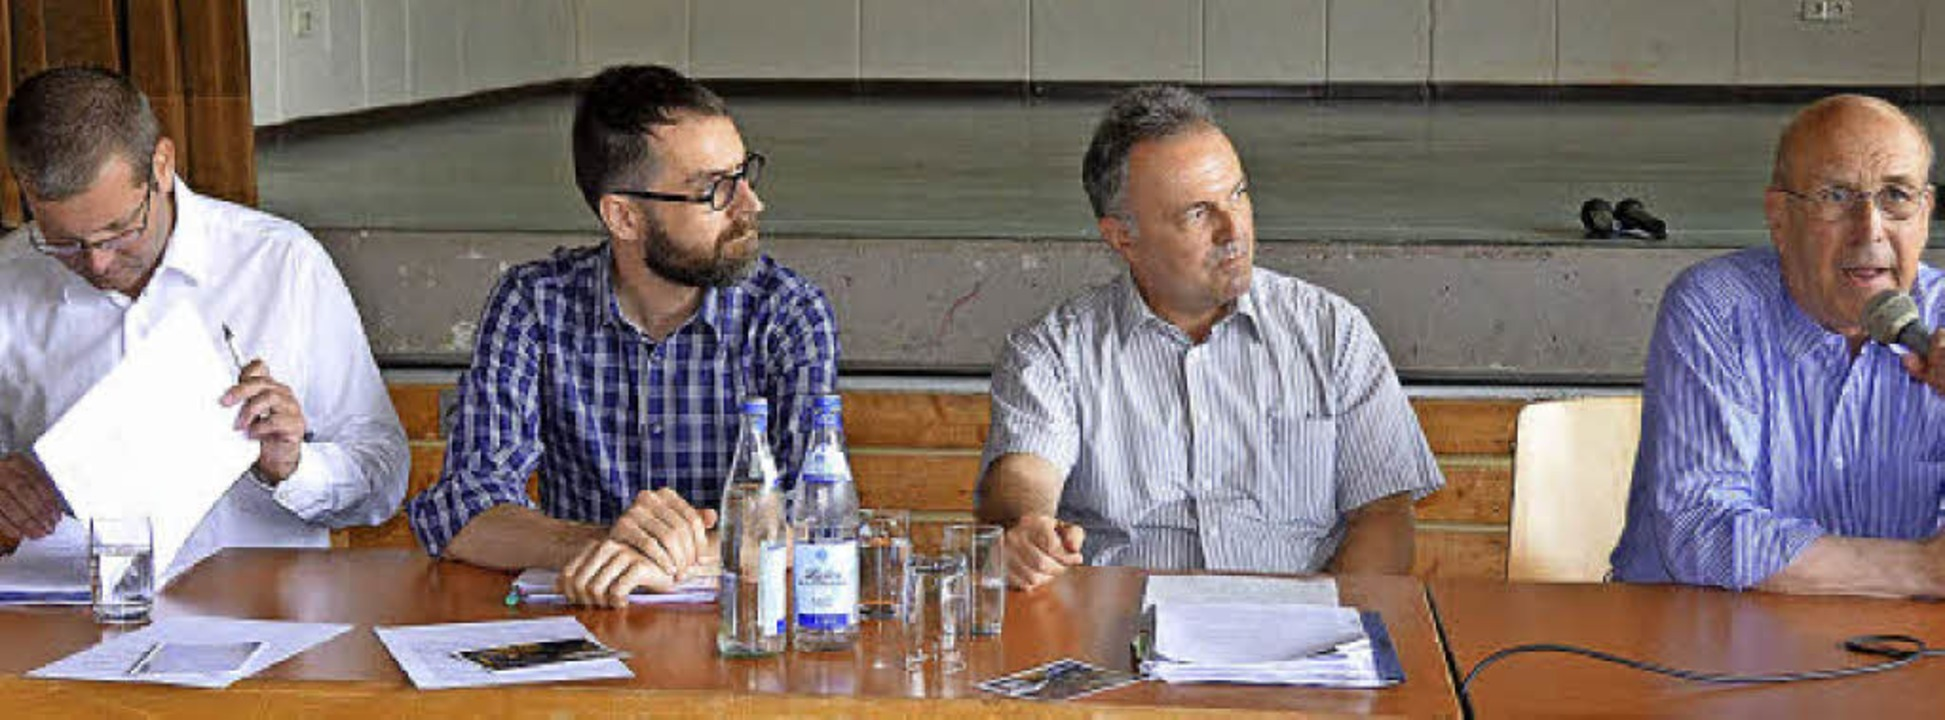 Sie standen bei der Kandertalkonferenz...as Kossak (Verkehrsexperte/von links).  | Foto: Markus Maier